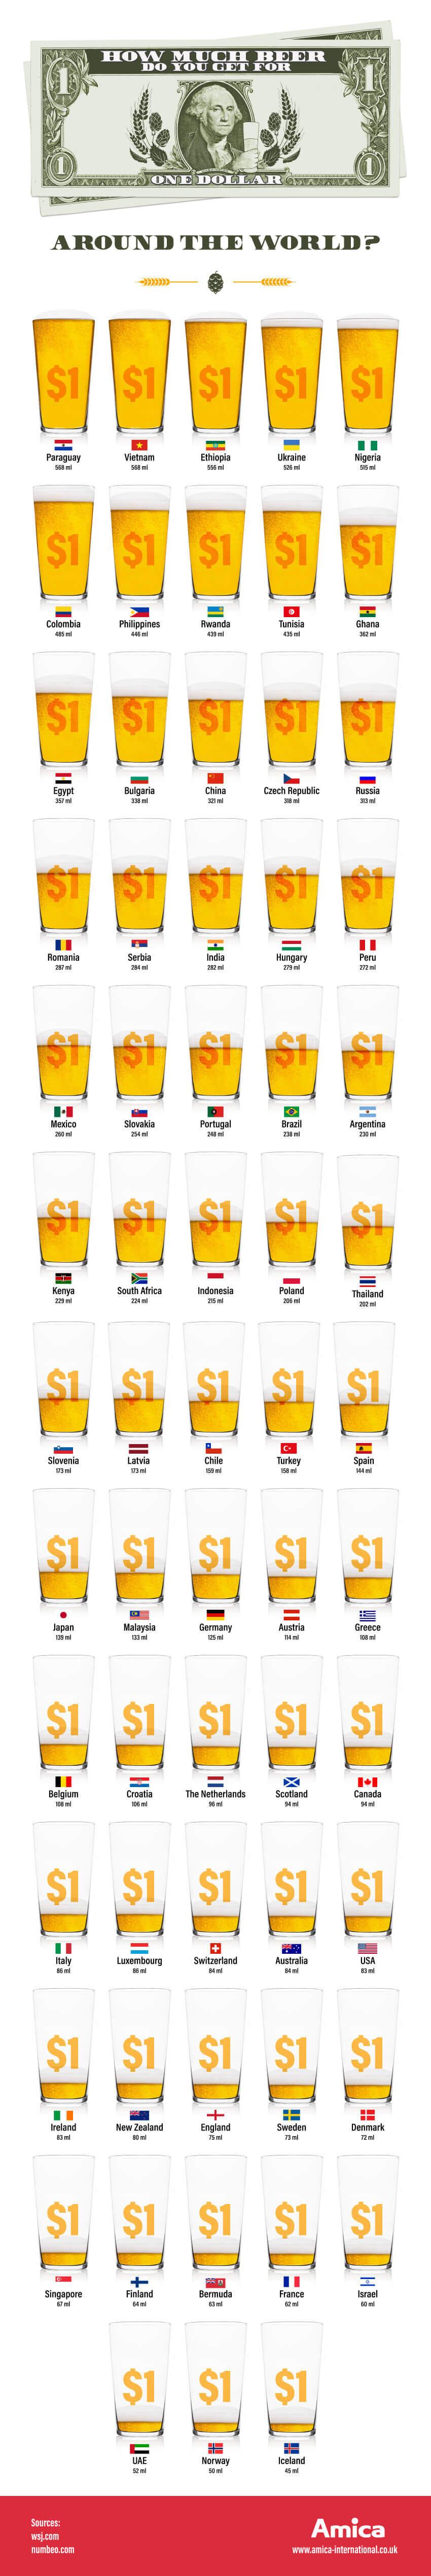 Сколько пива можно купить за $1 в разных странах мира?